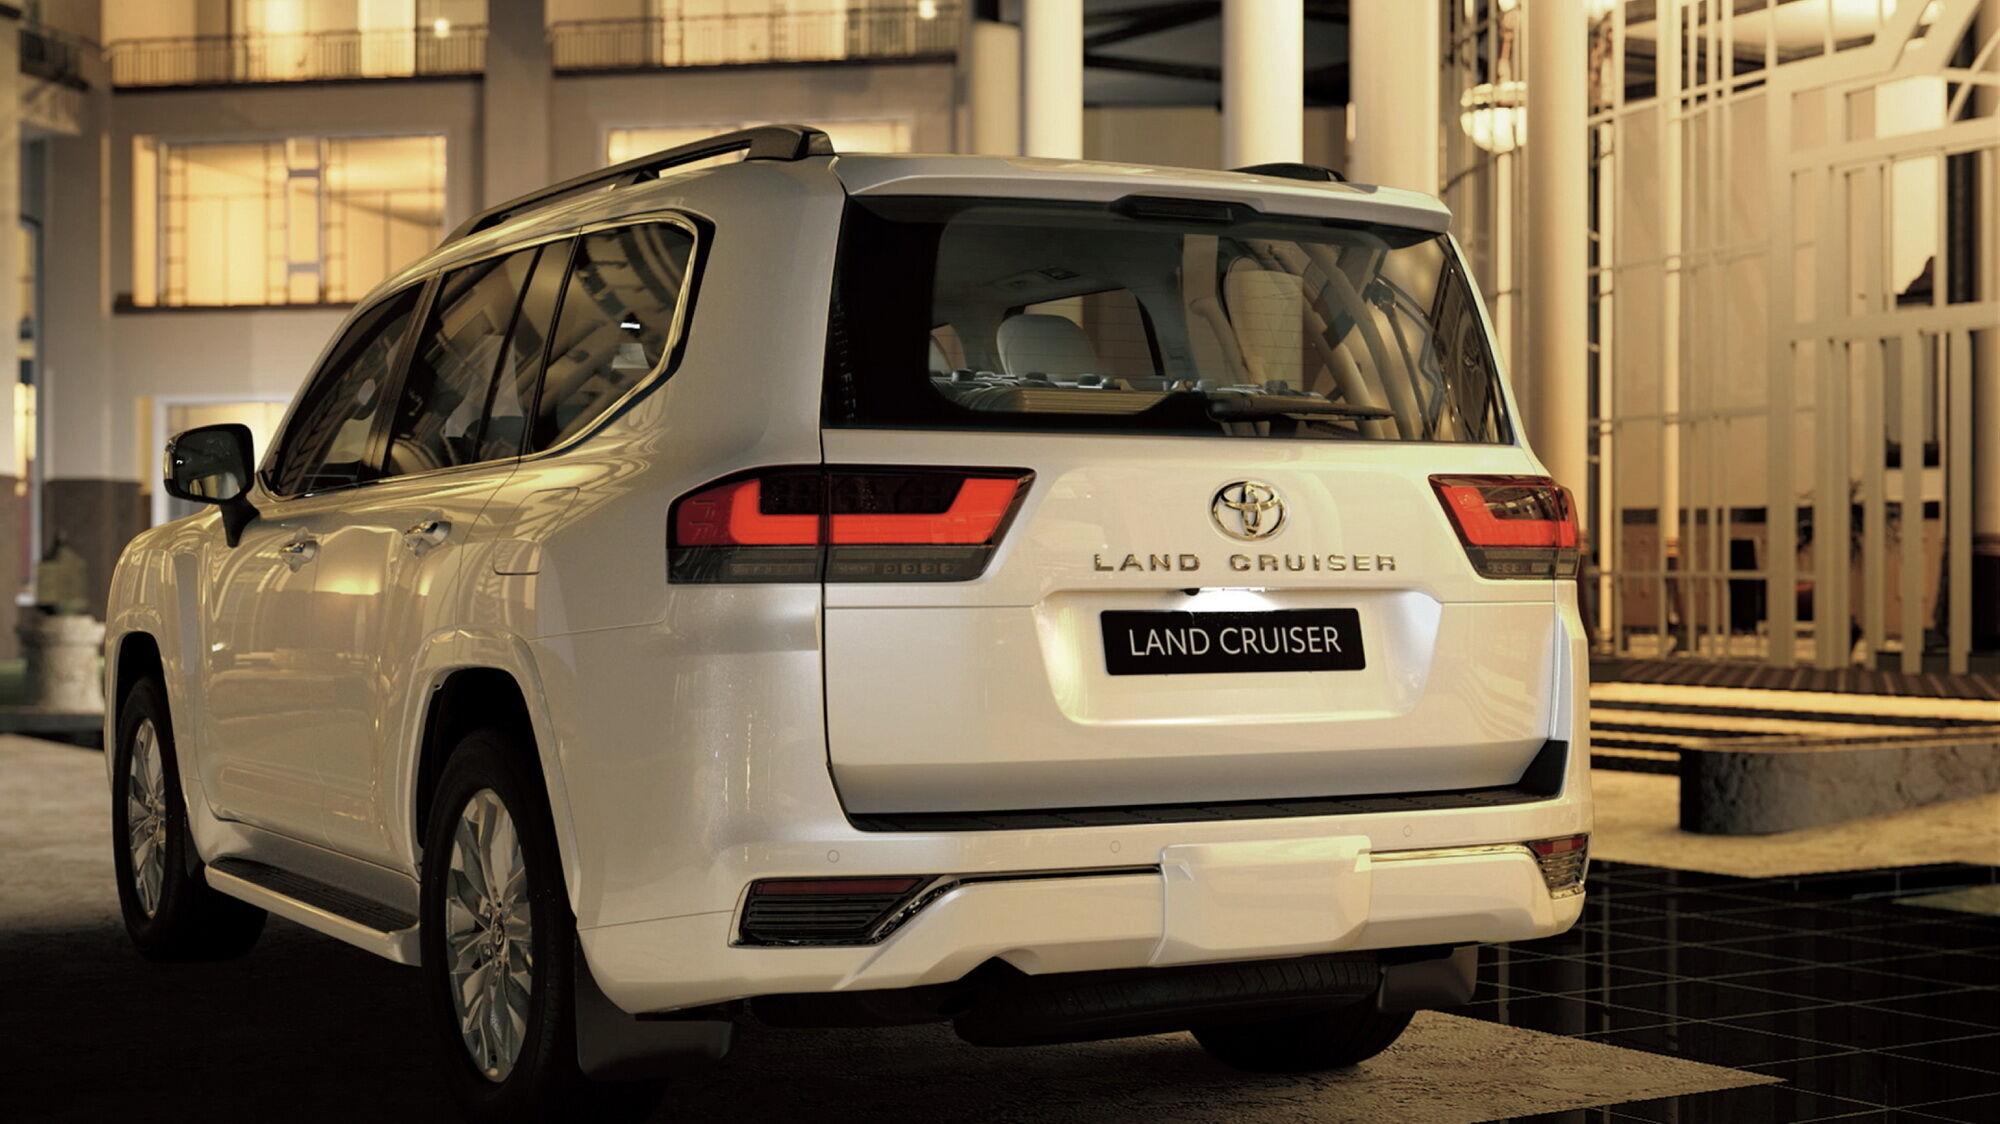 Ще одне нововведення – цільна двері багажника, яку забезпечили електроприводом і системою безконтактного доступу